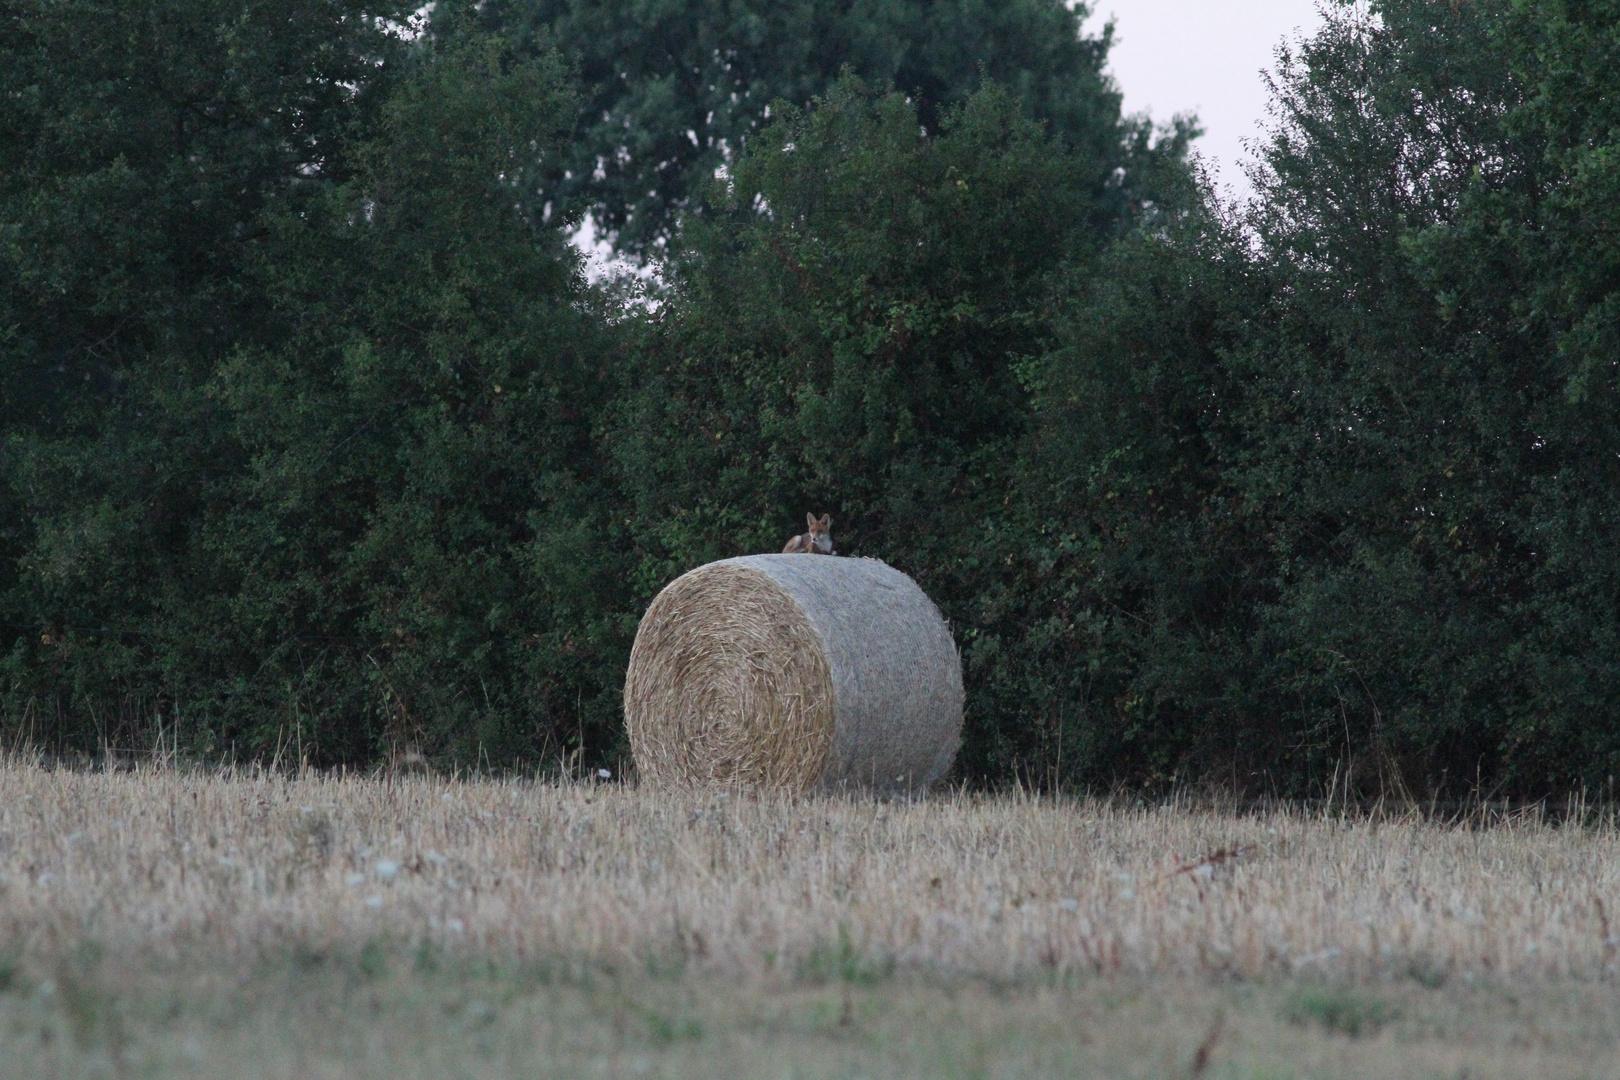 Le repos du renard